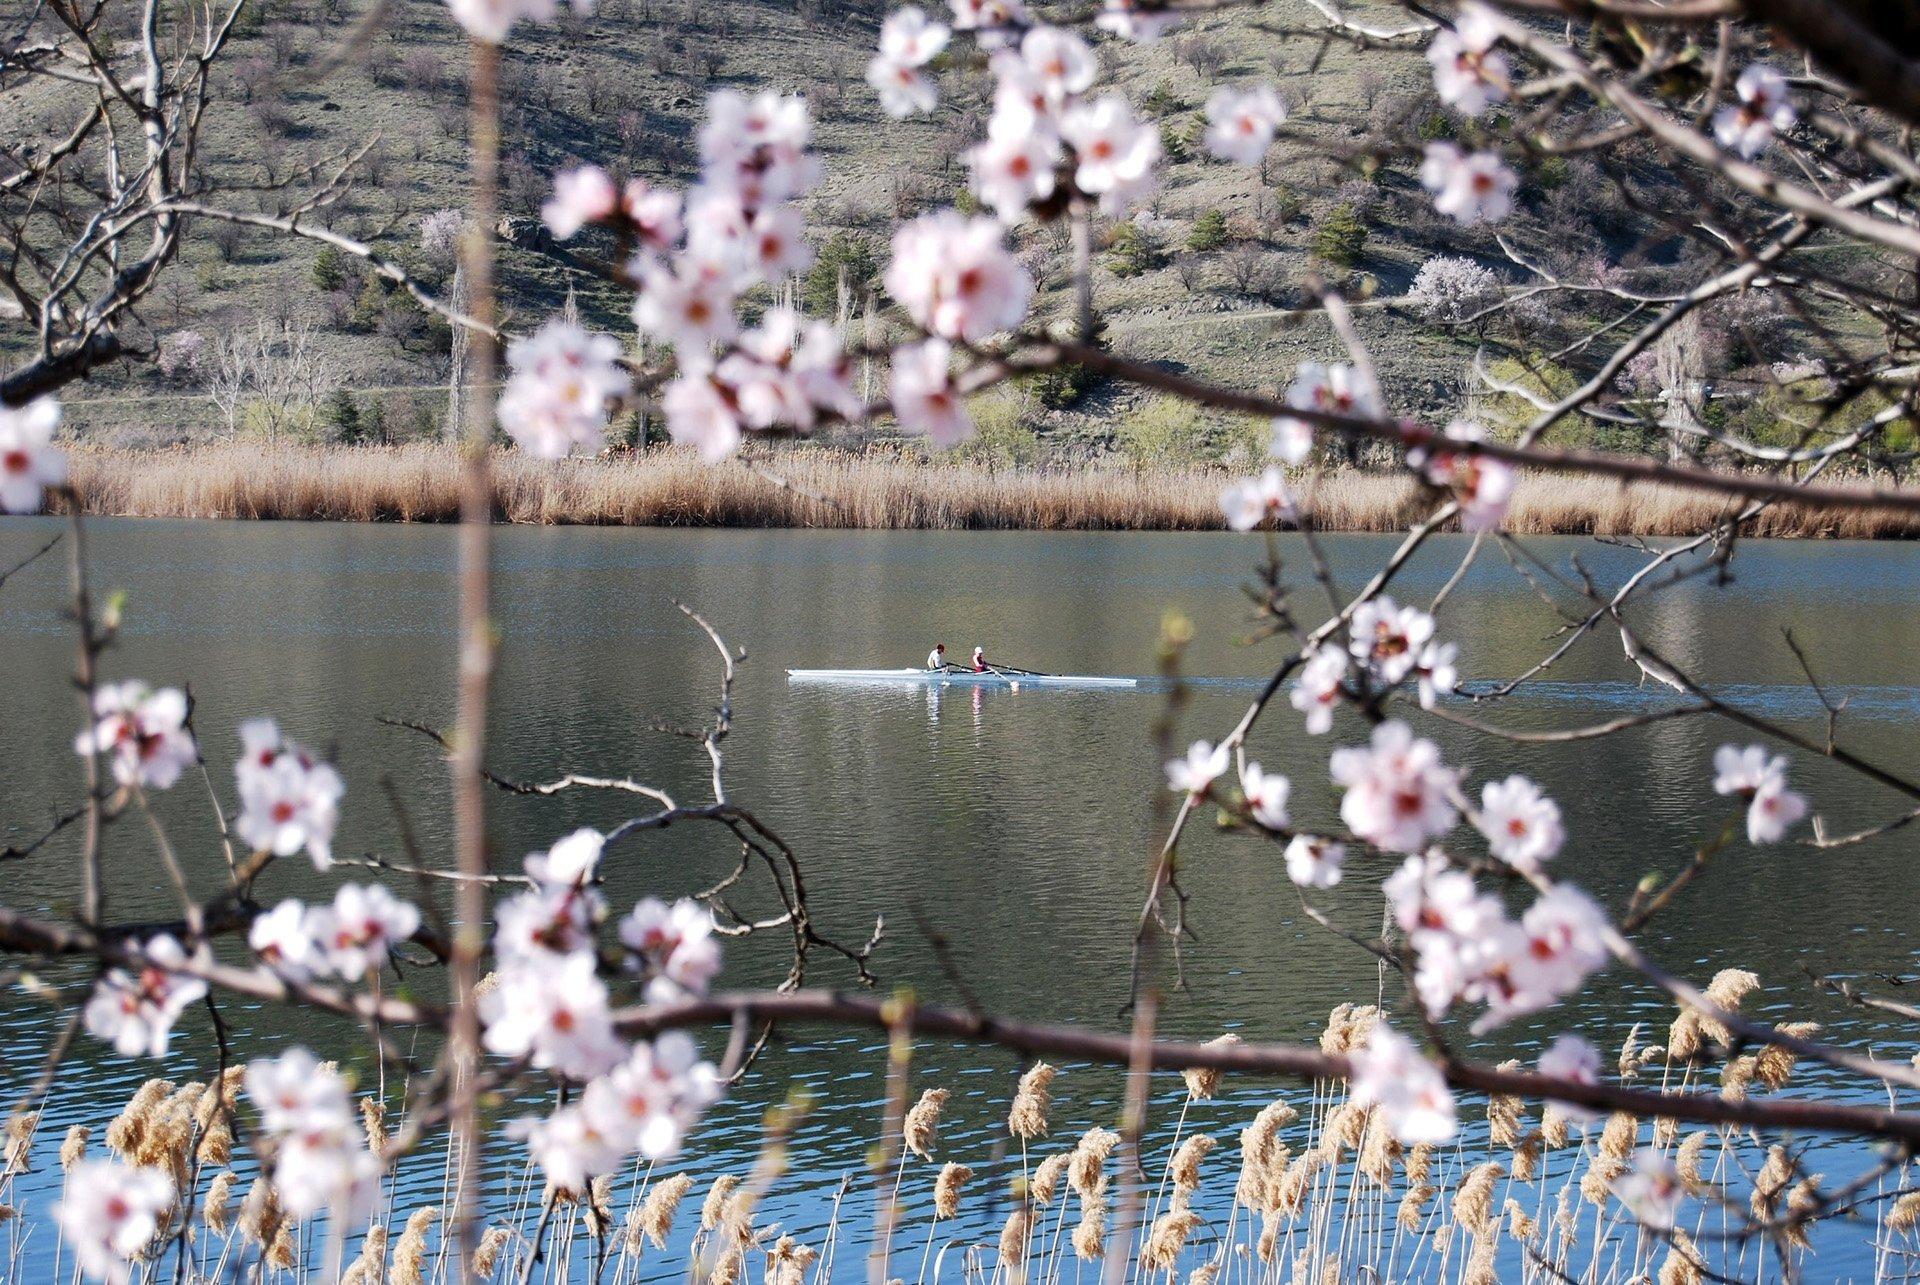 eymir gölü ve kano